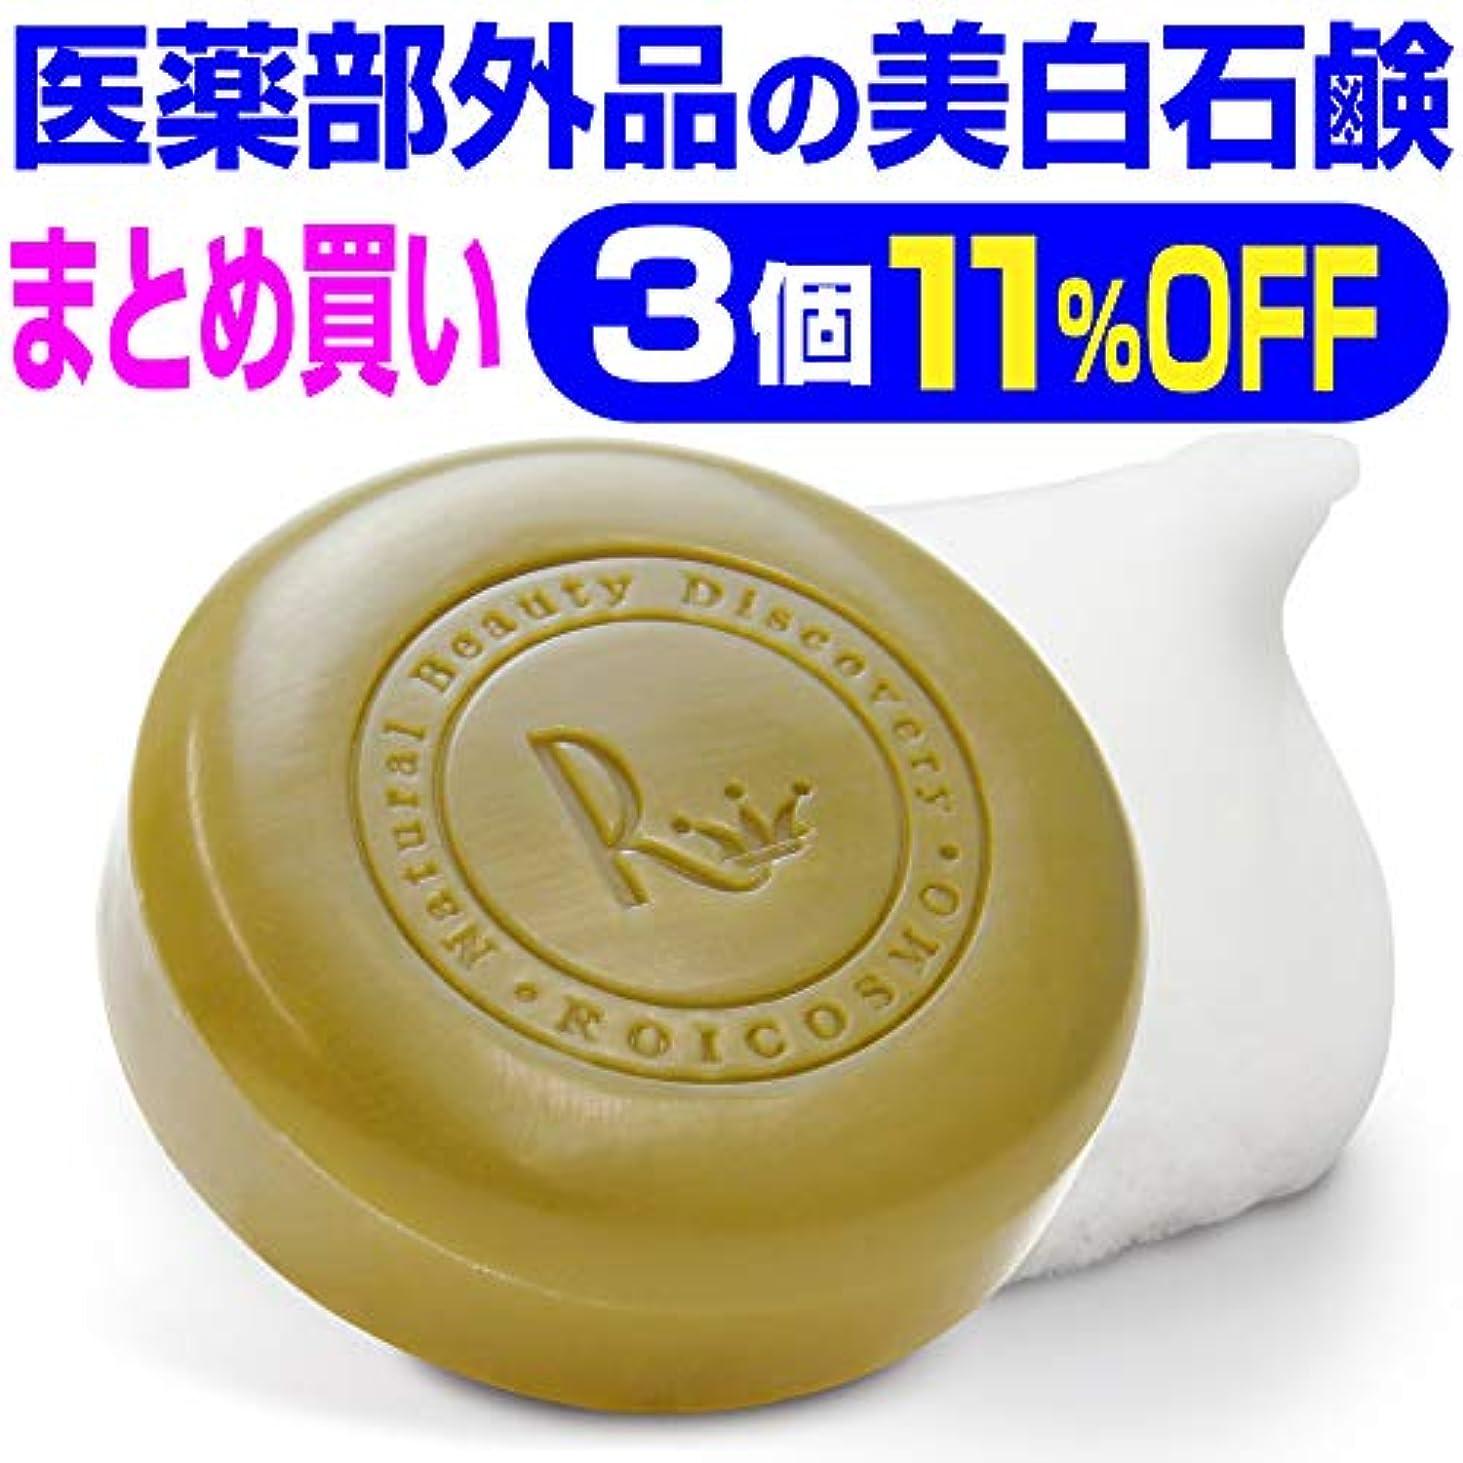 いじめっ子カテゴリーわかる3個まとめ買い11%OFF 美白石鹸/ビタミンC270倍の美白成分配合の 洗顔石鹸『ホワイトソープ100g×3個』